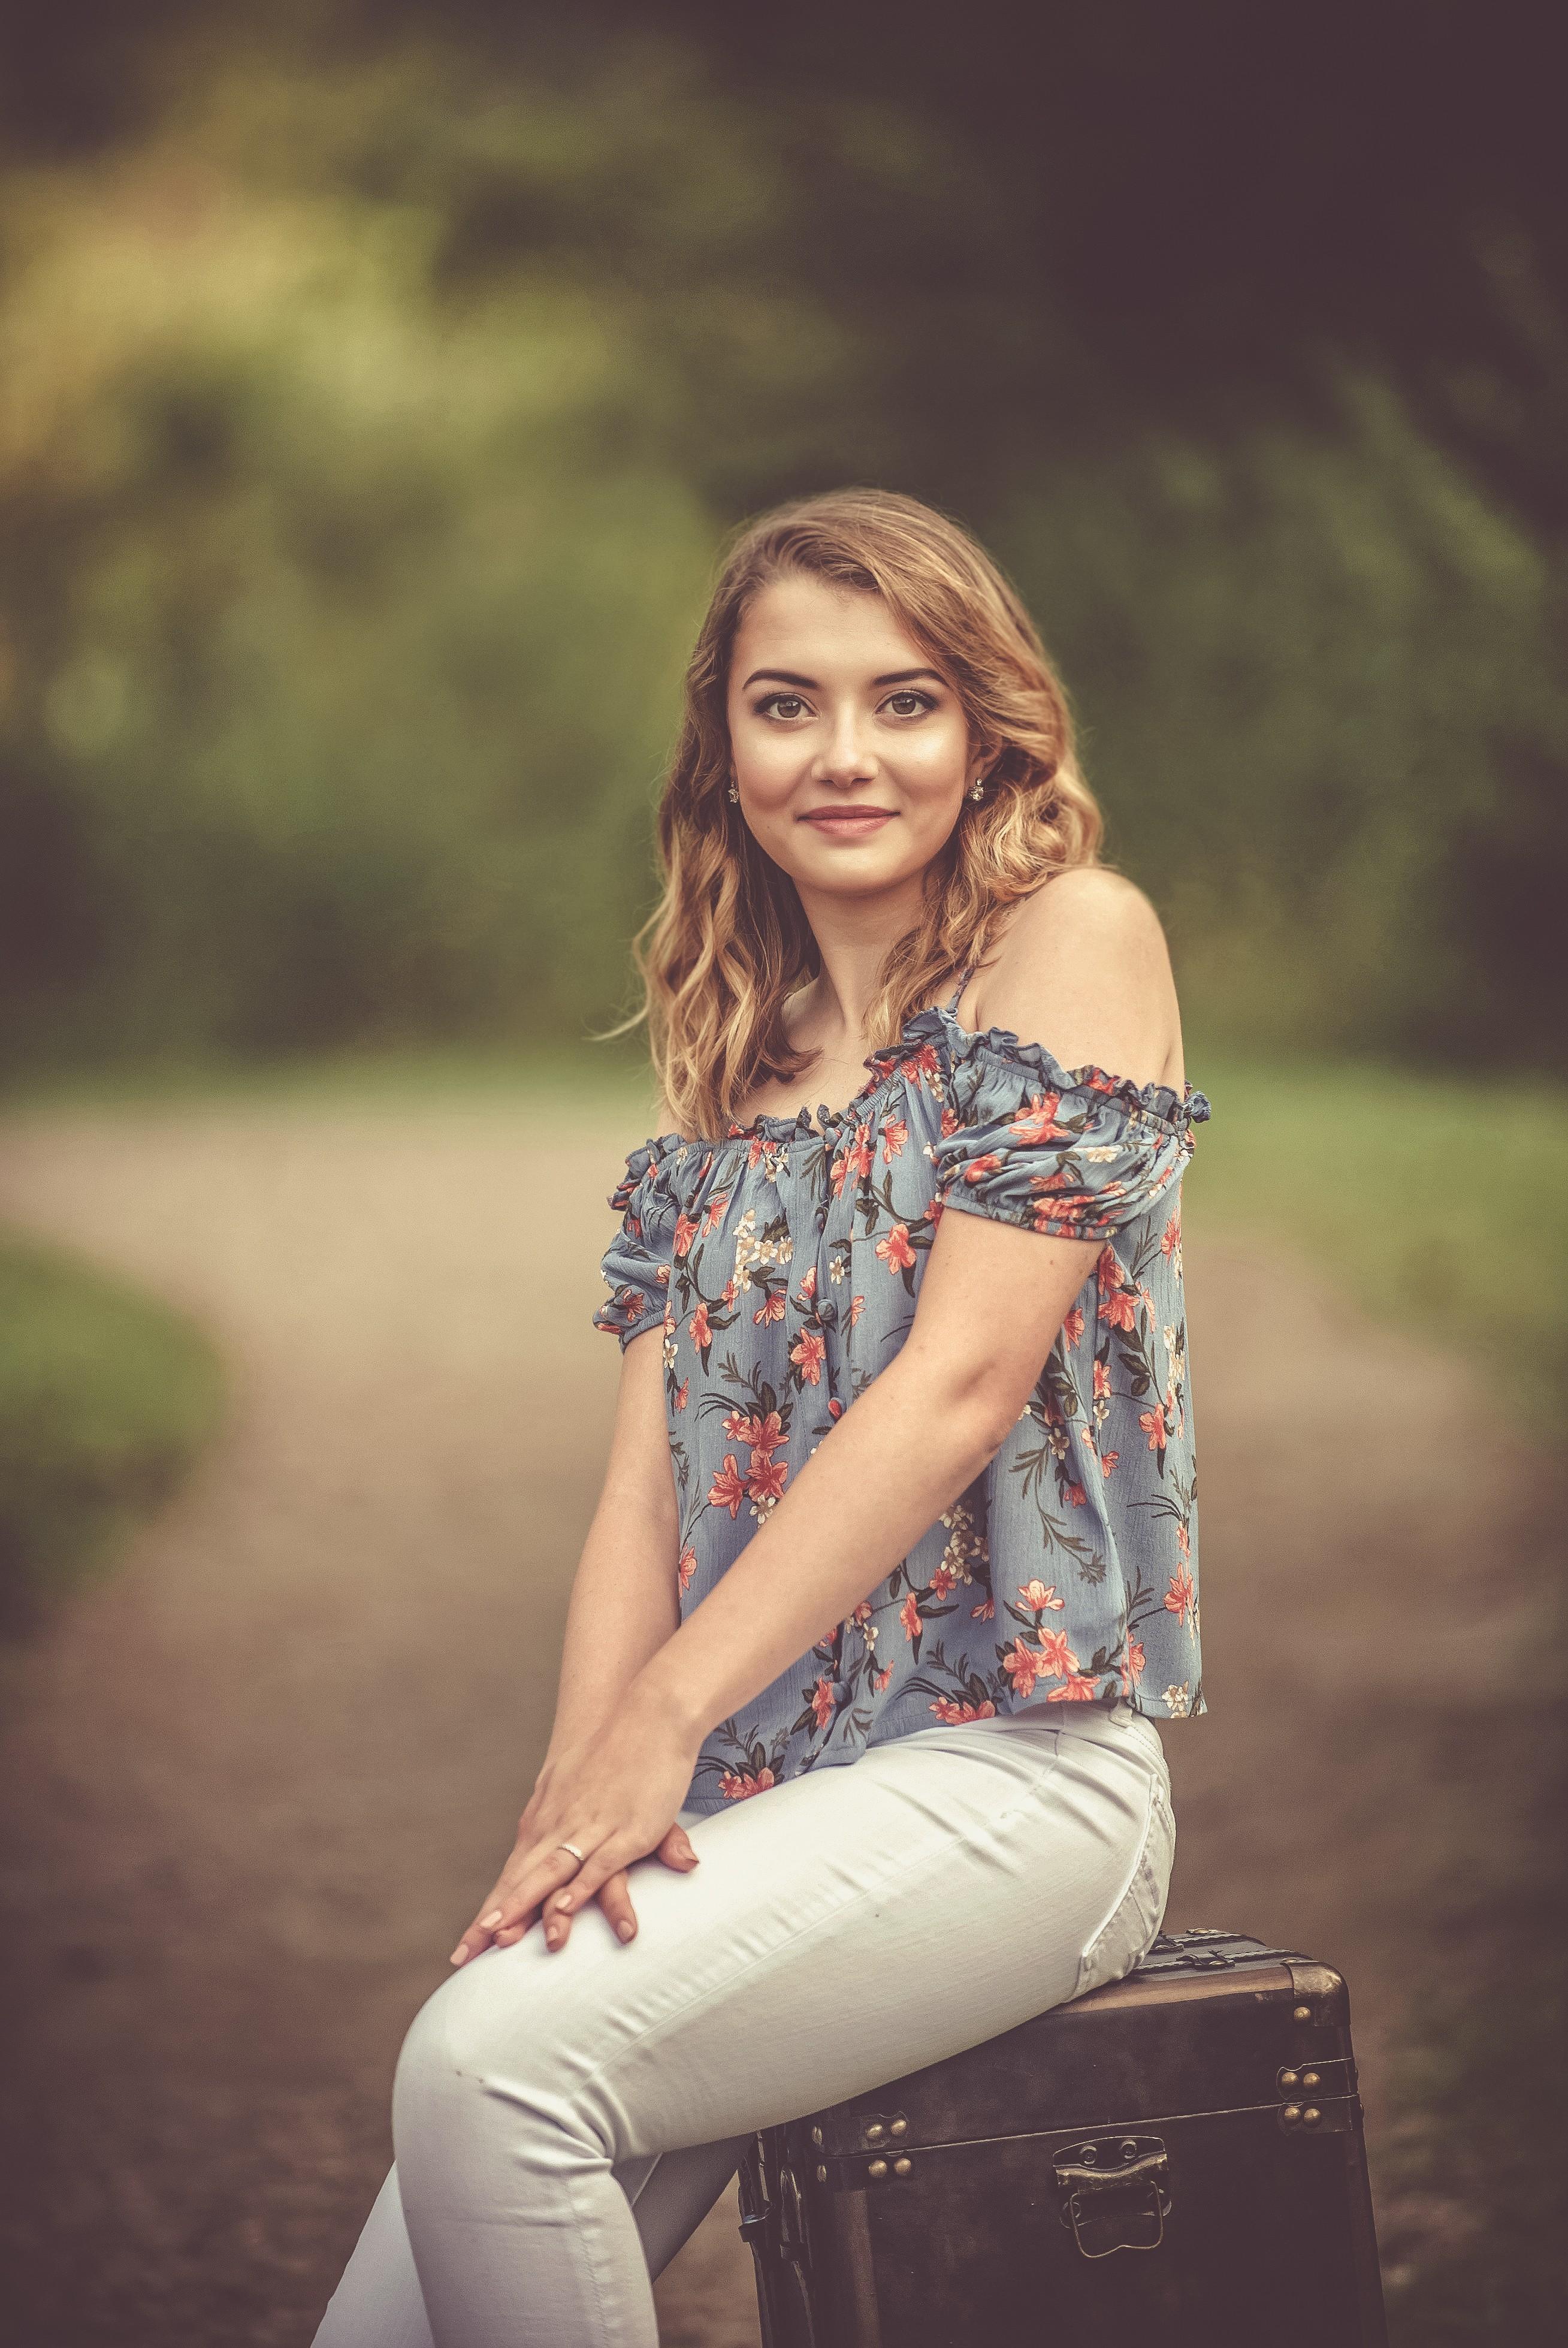 Photograph of Sophia Rores